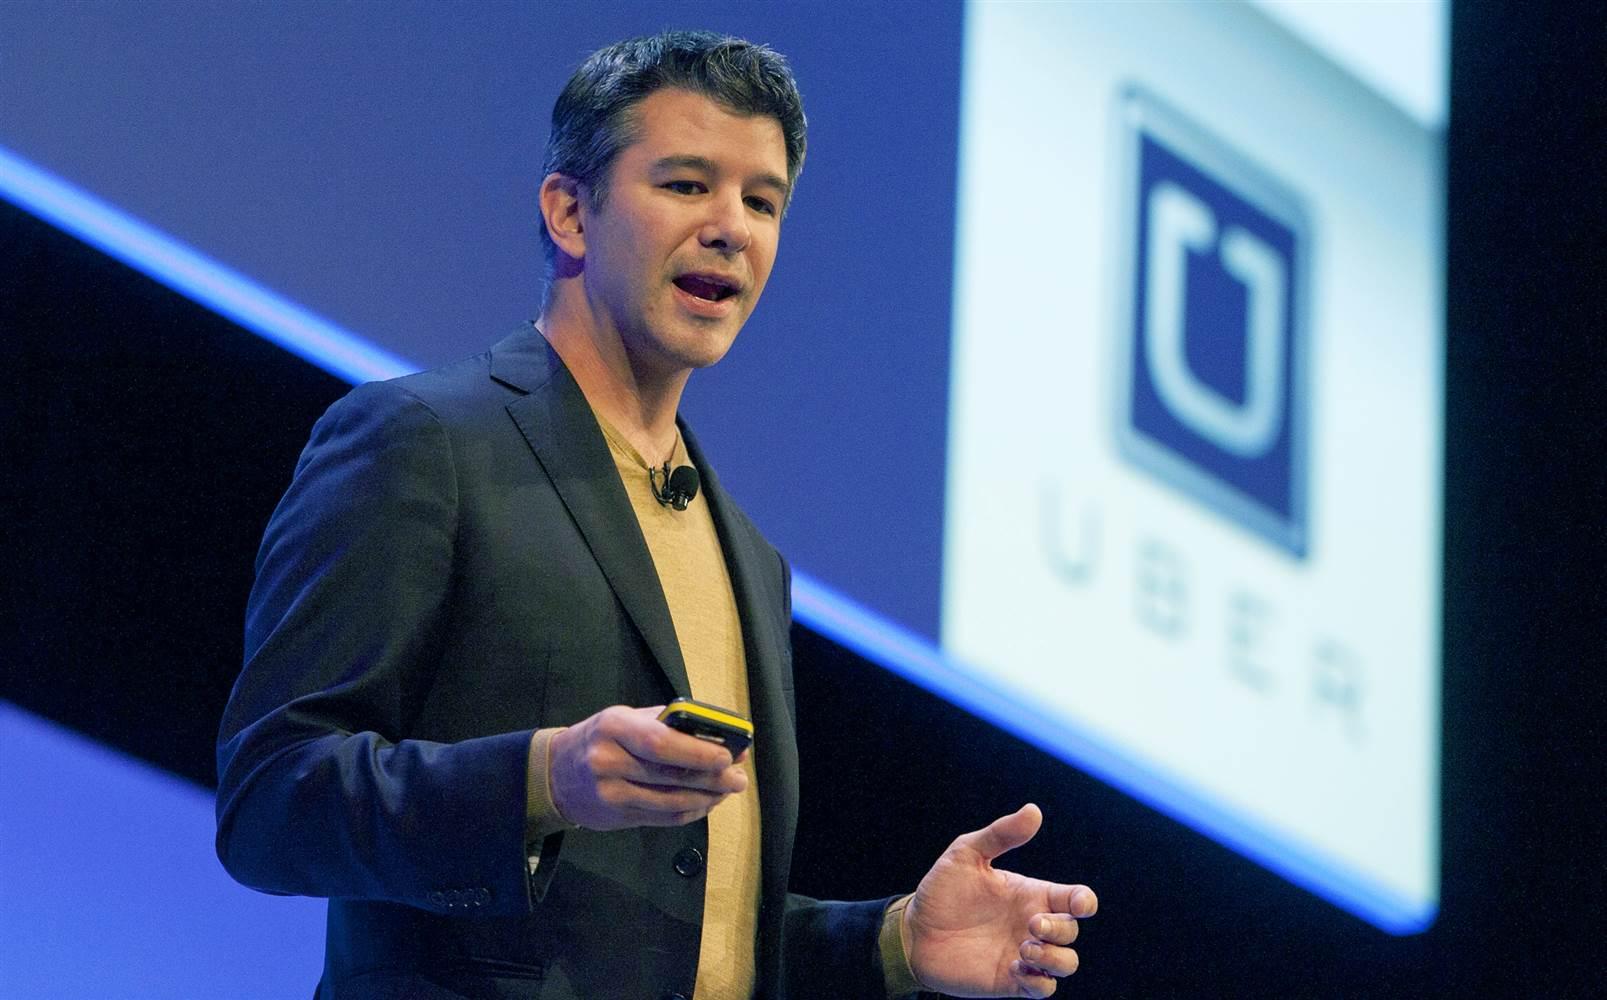 Основатель Uber Трэвис Каланик. Фото: nbcnews.com